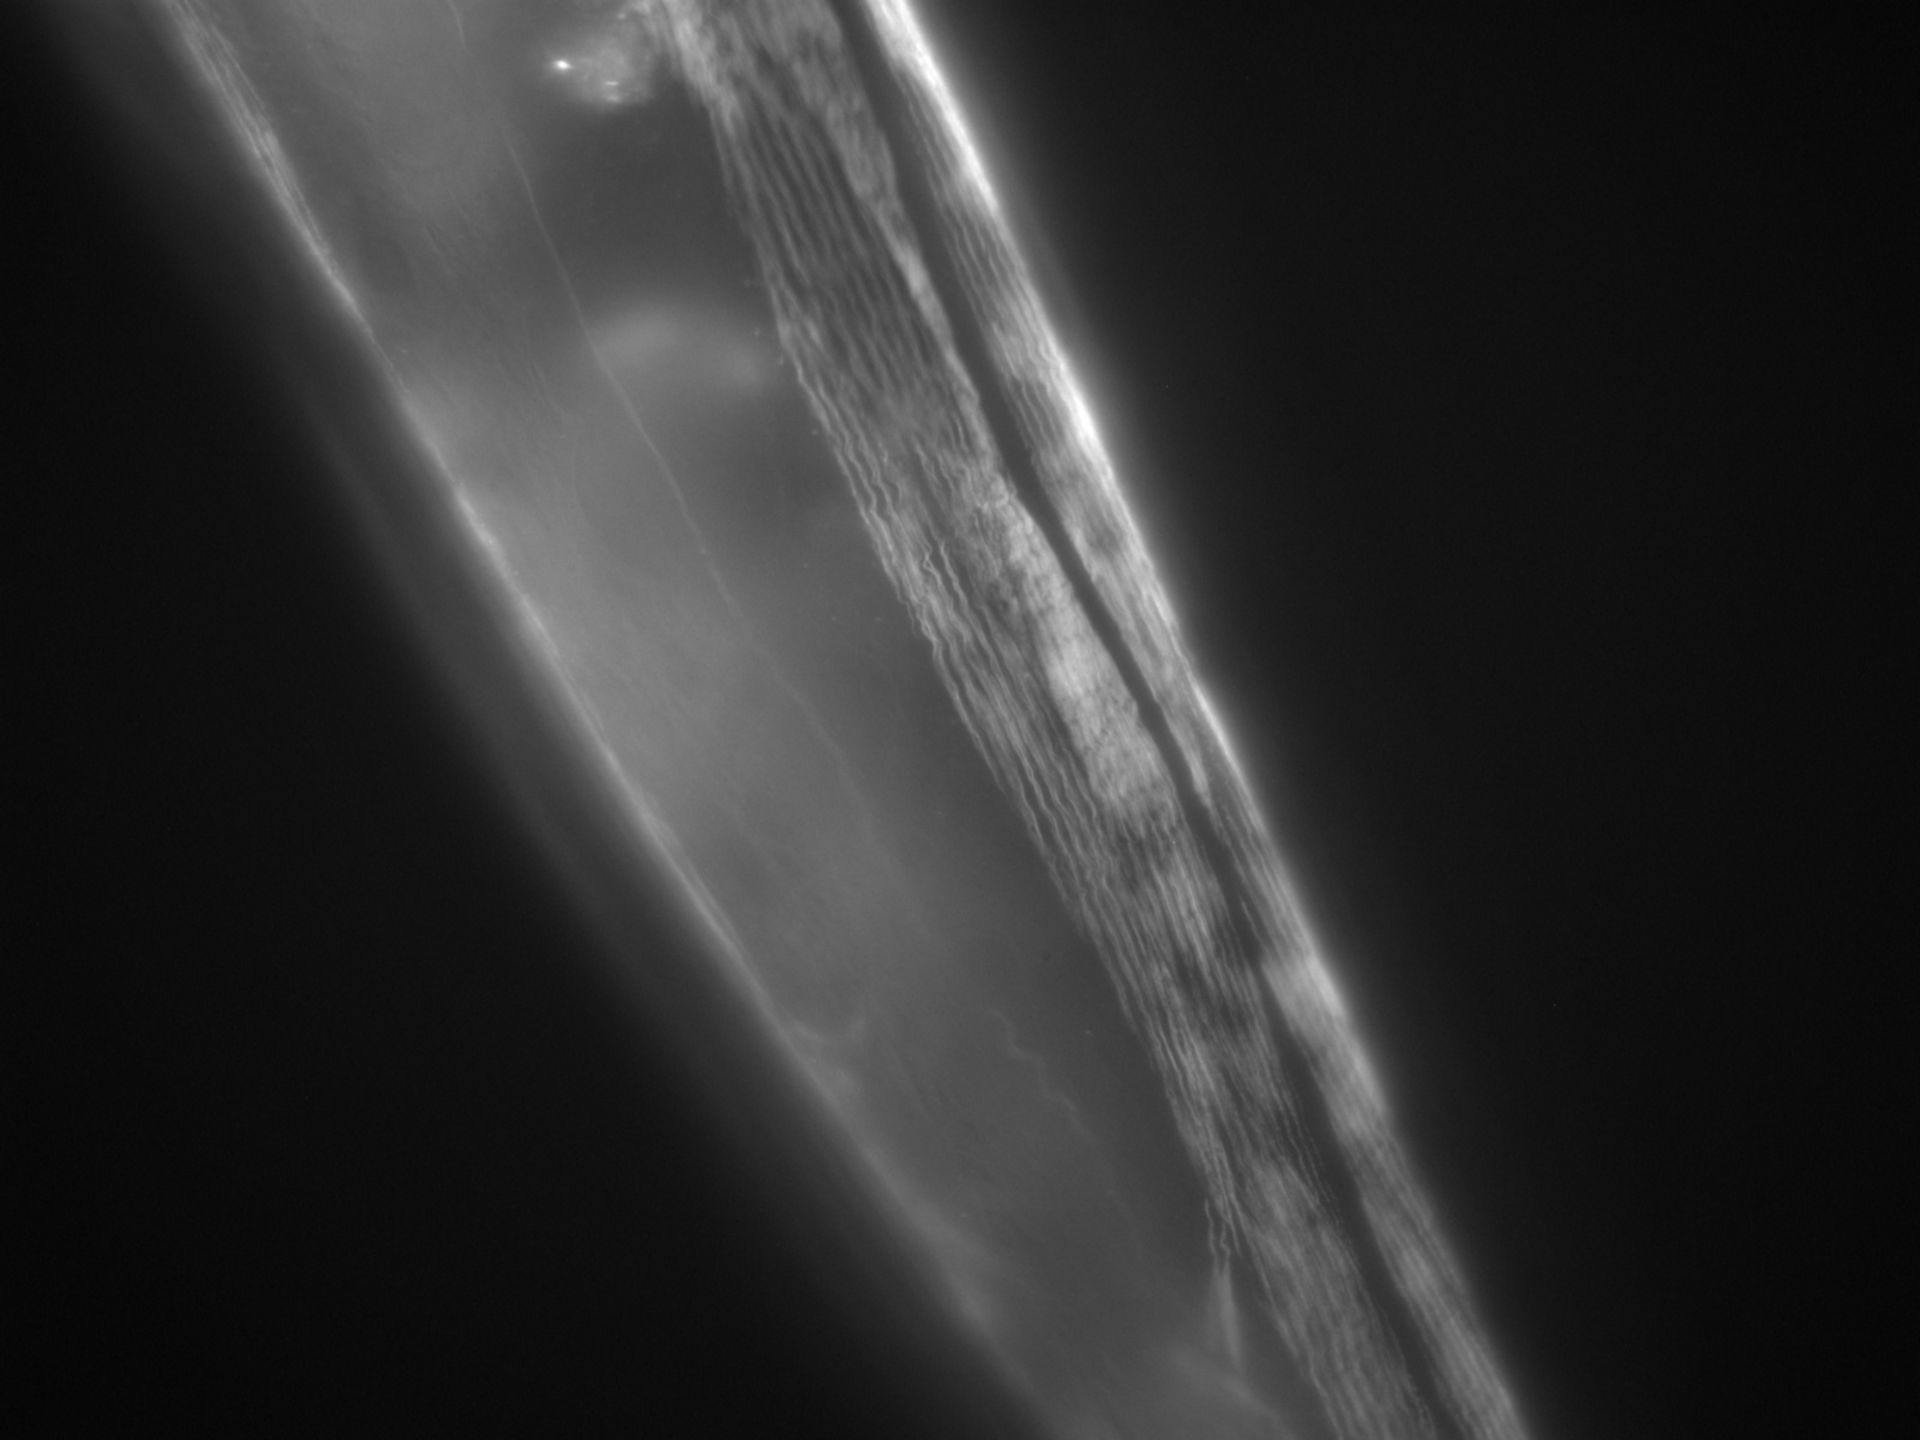 Caenorhabditis elegans (Actin filament) - CIL:1288